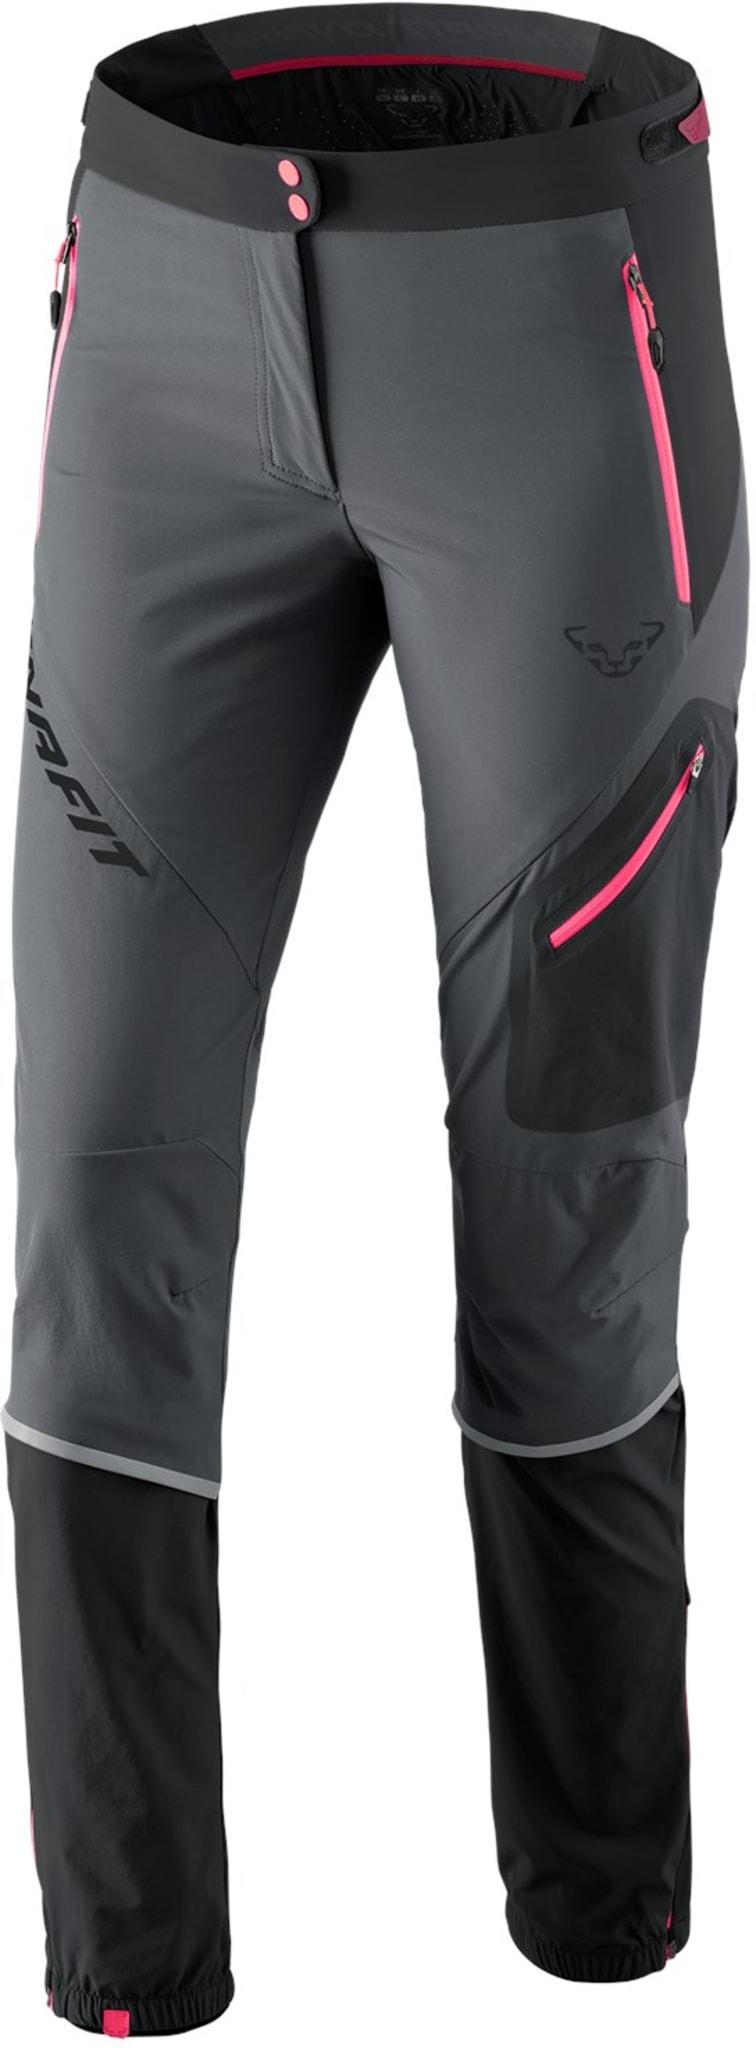 Svært lett softshellbukse til turer i varmt fjellvær eller høyt tempo